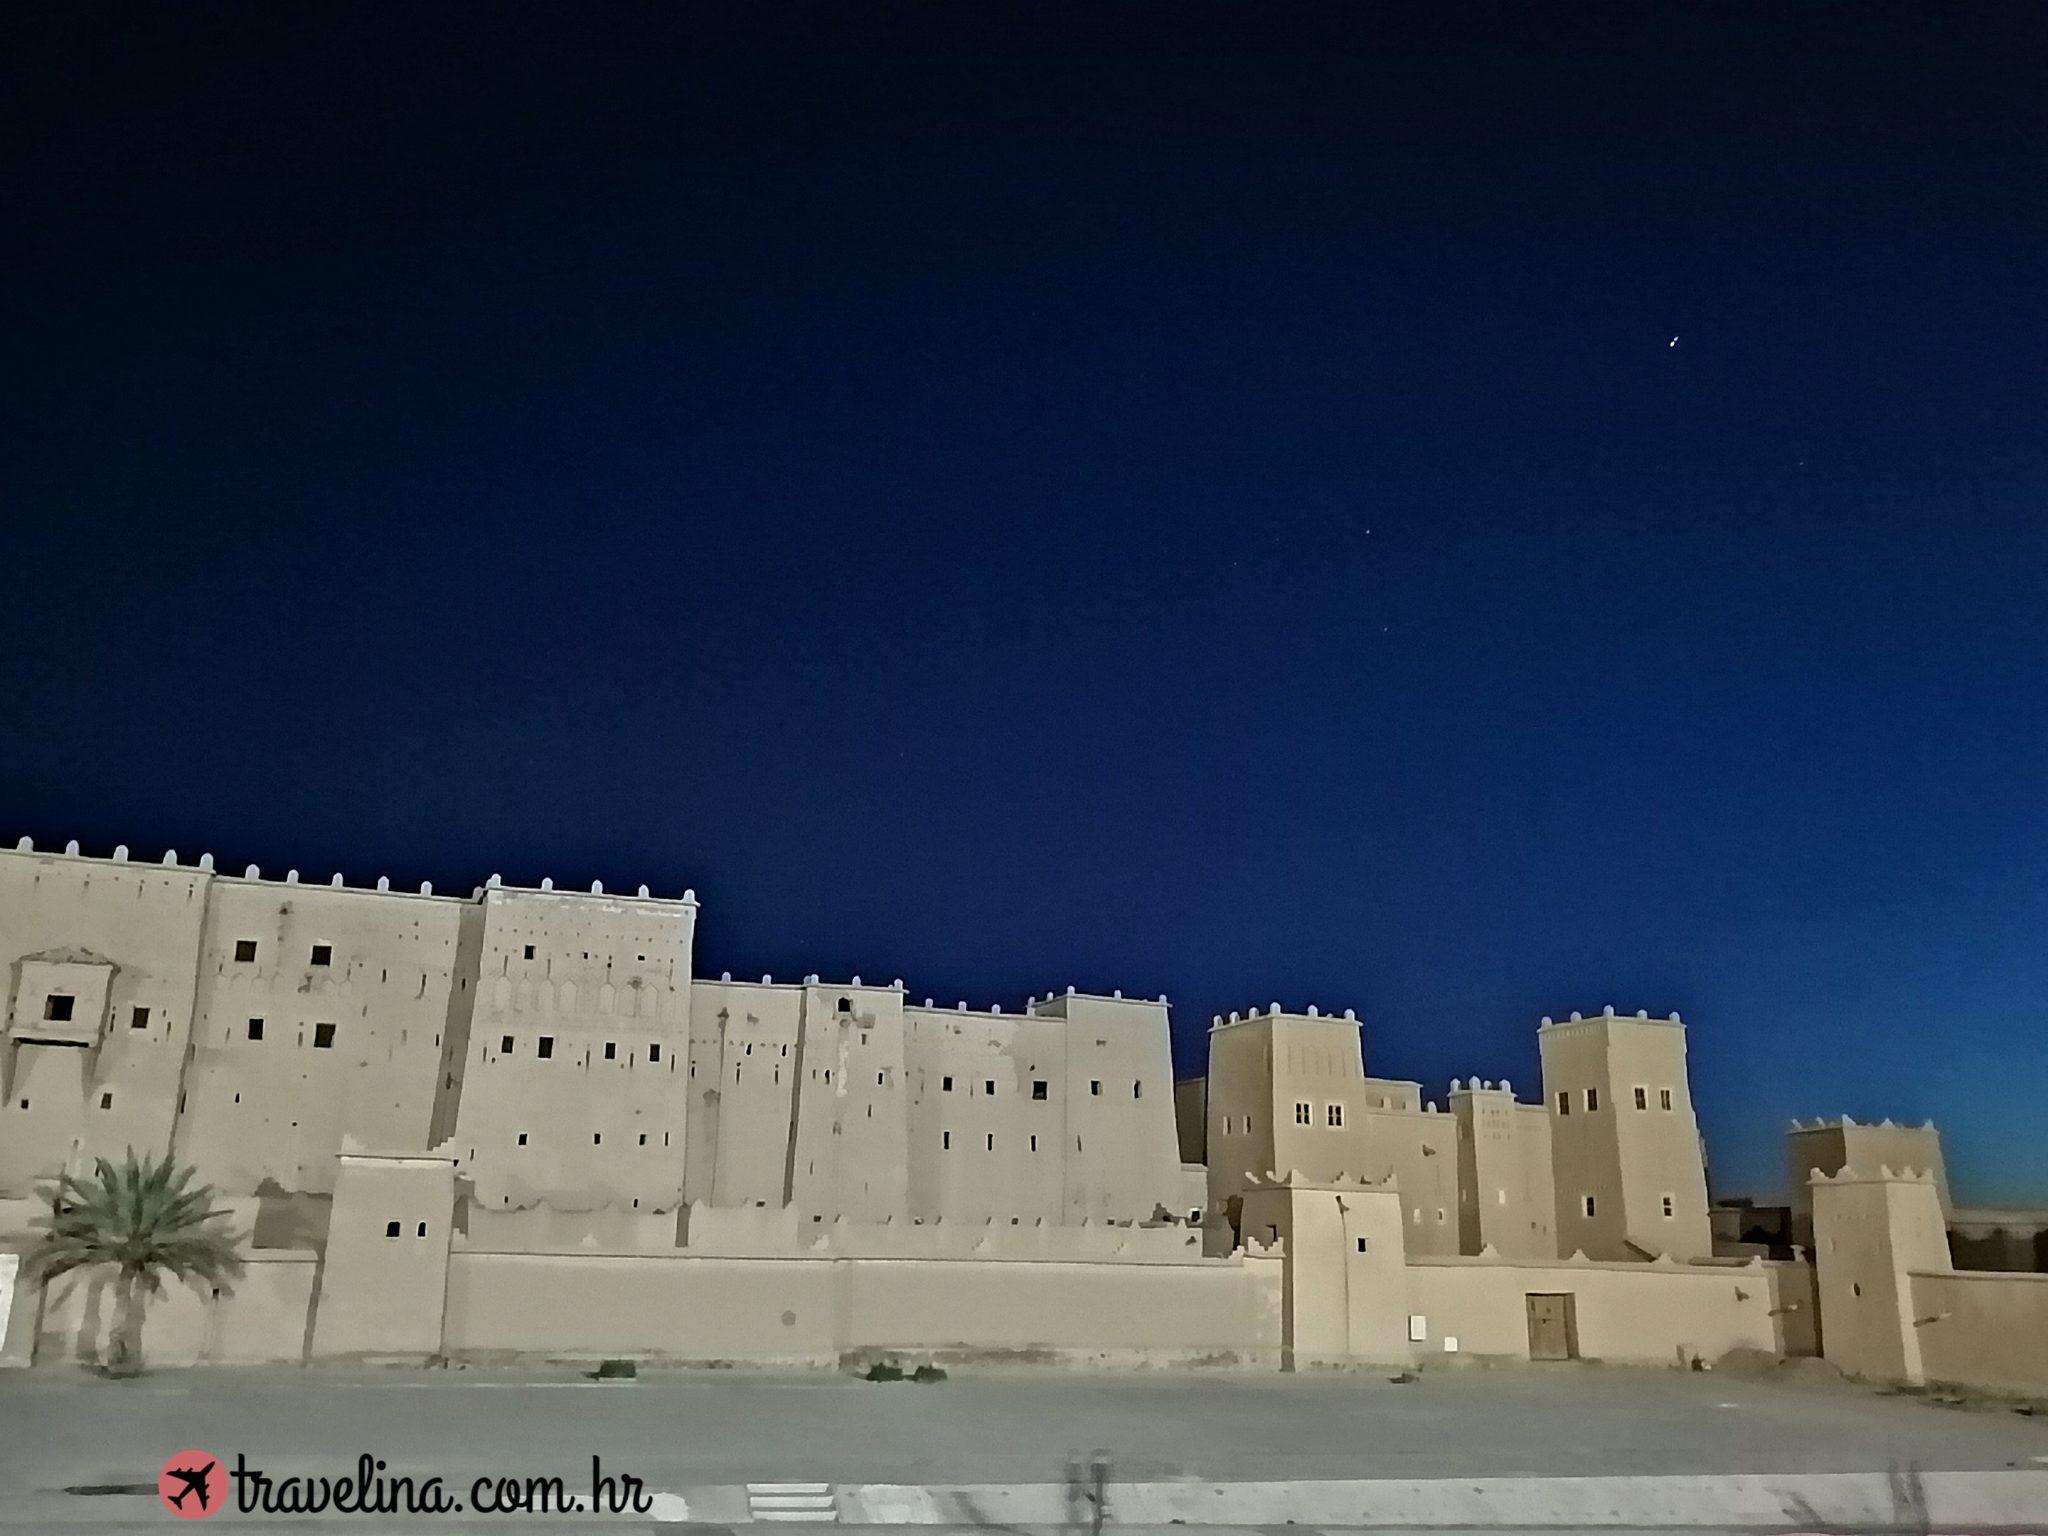 Ouarzazate-Maroko-Cesto-koristeno-kao-filmski-set